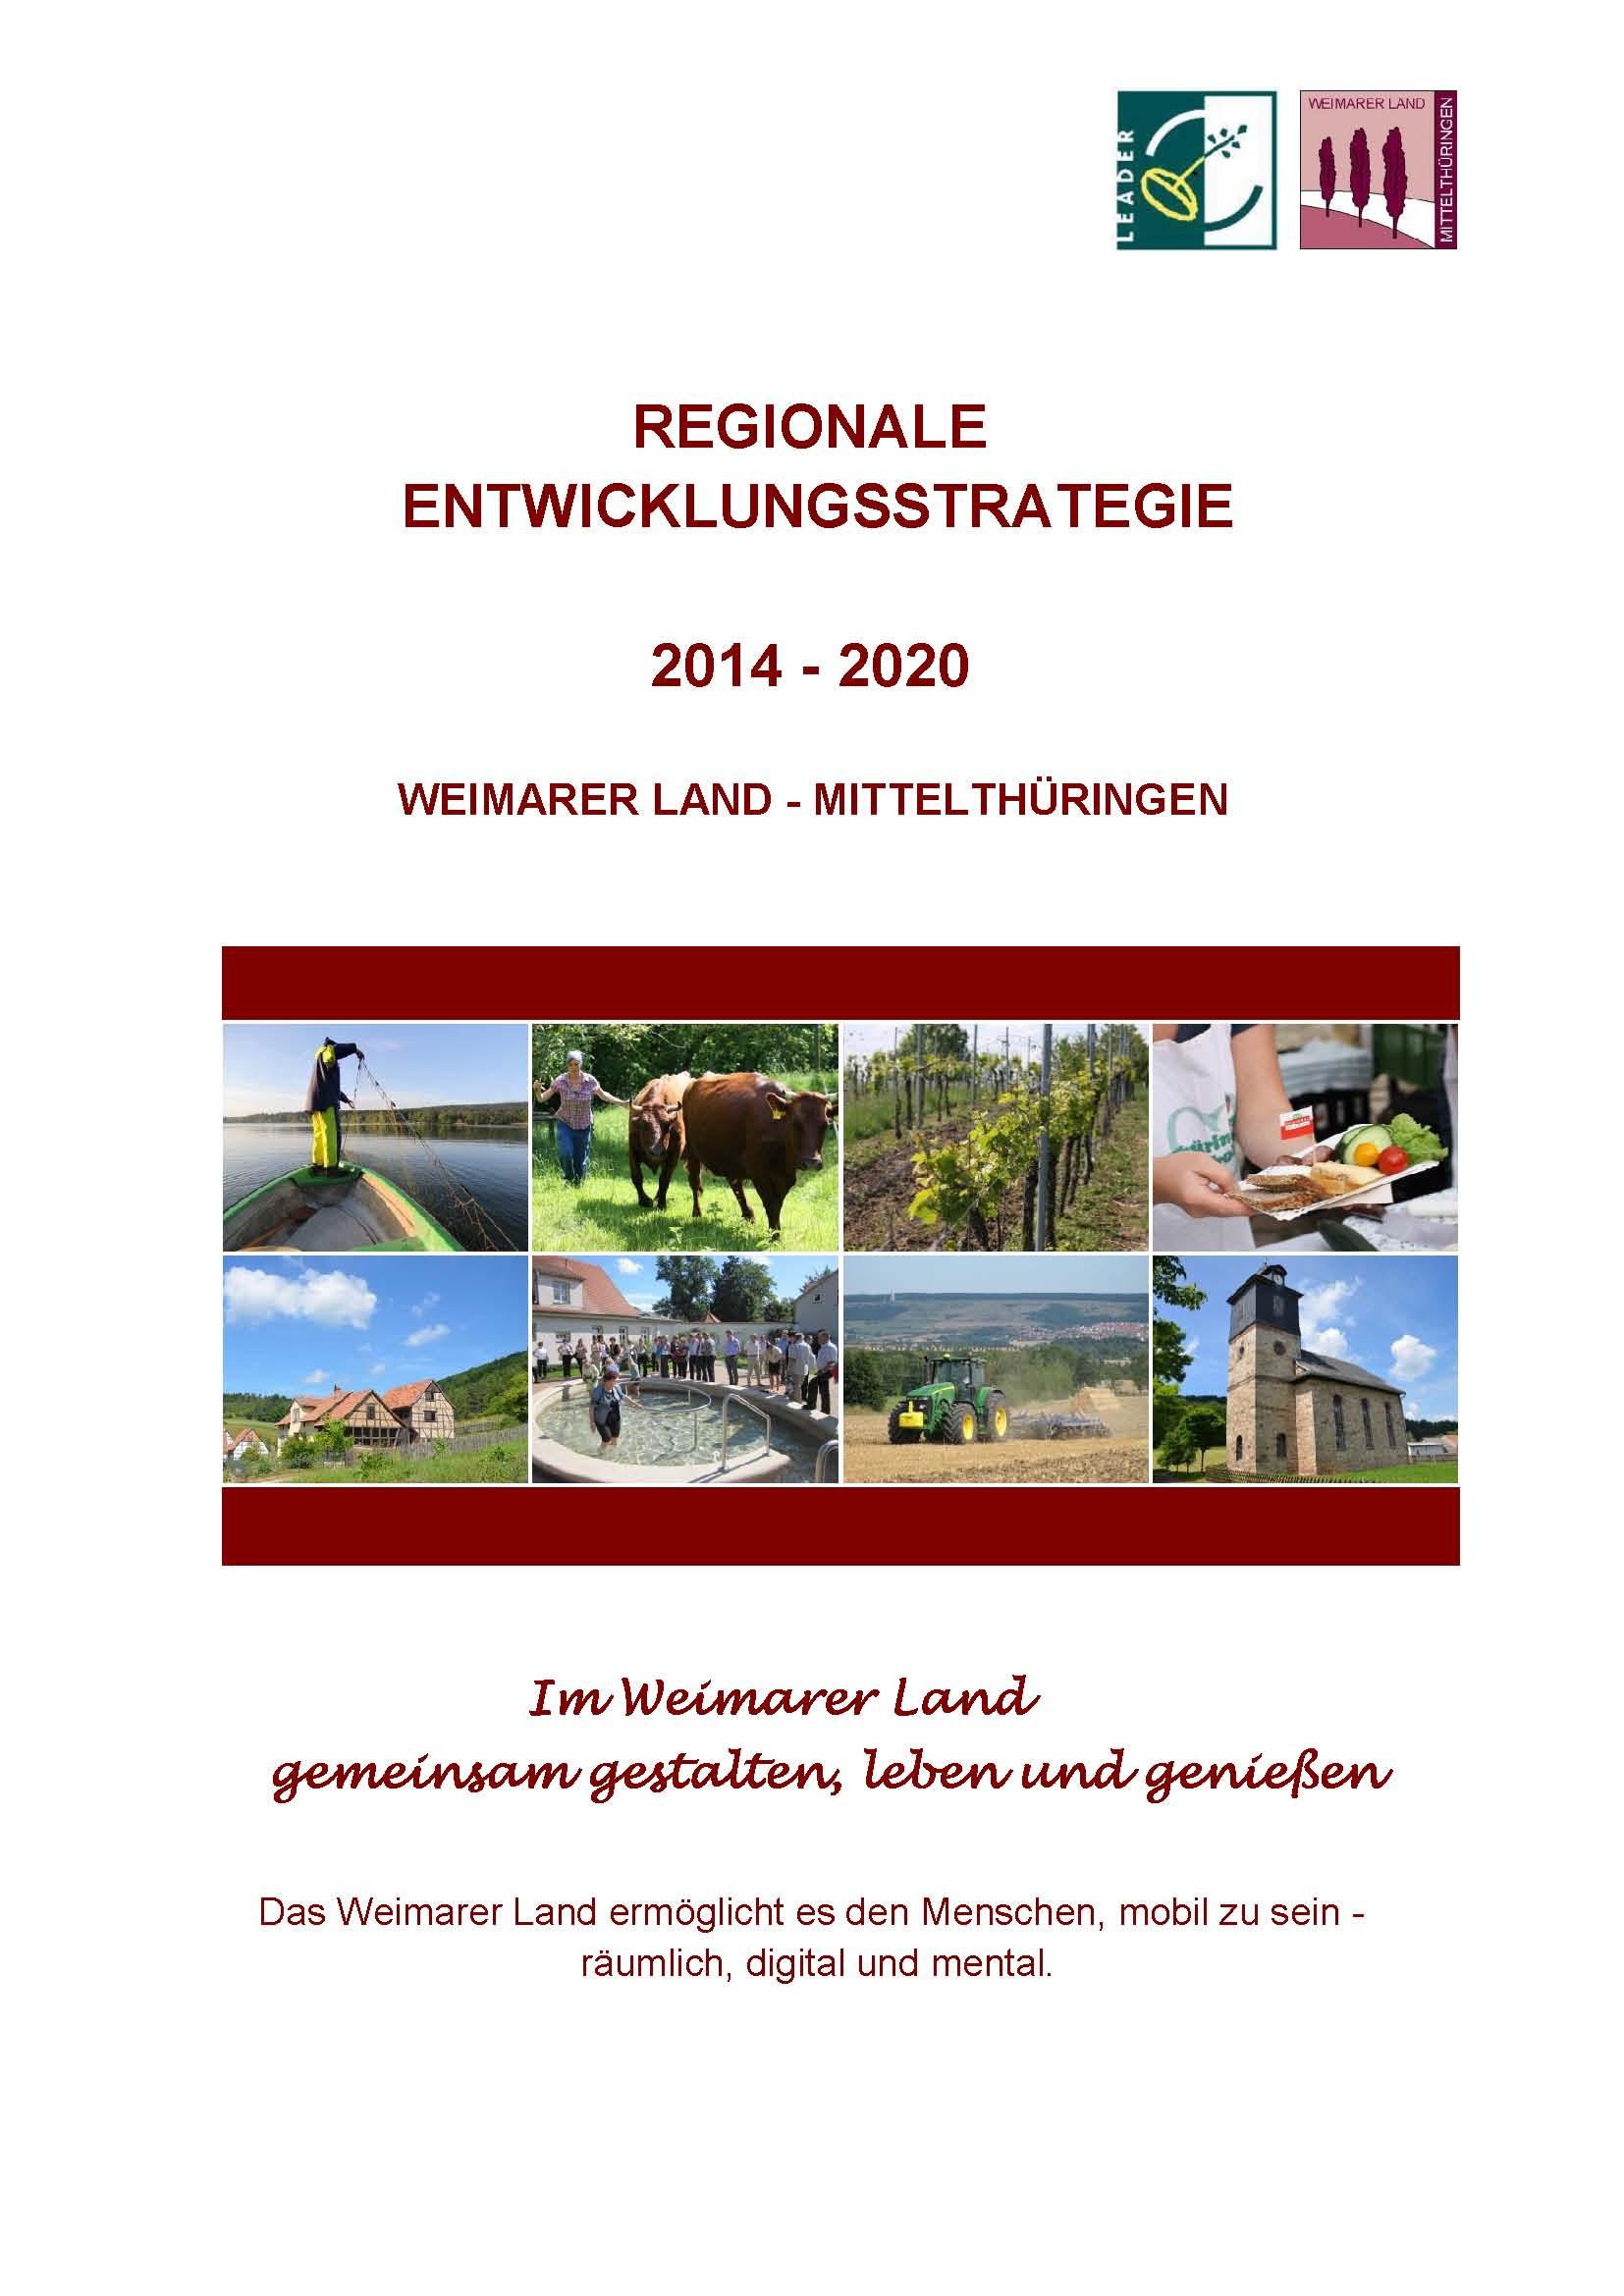 Regionale Entwicklungsstrategie 2014-2020